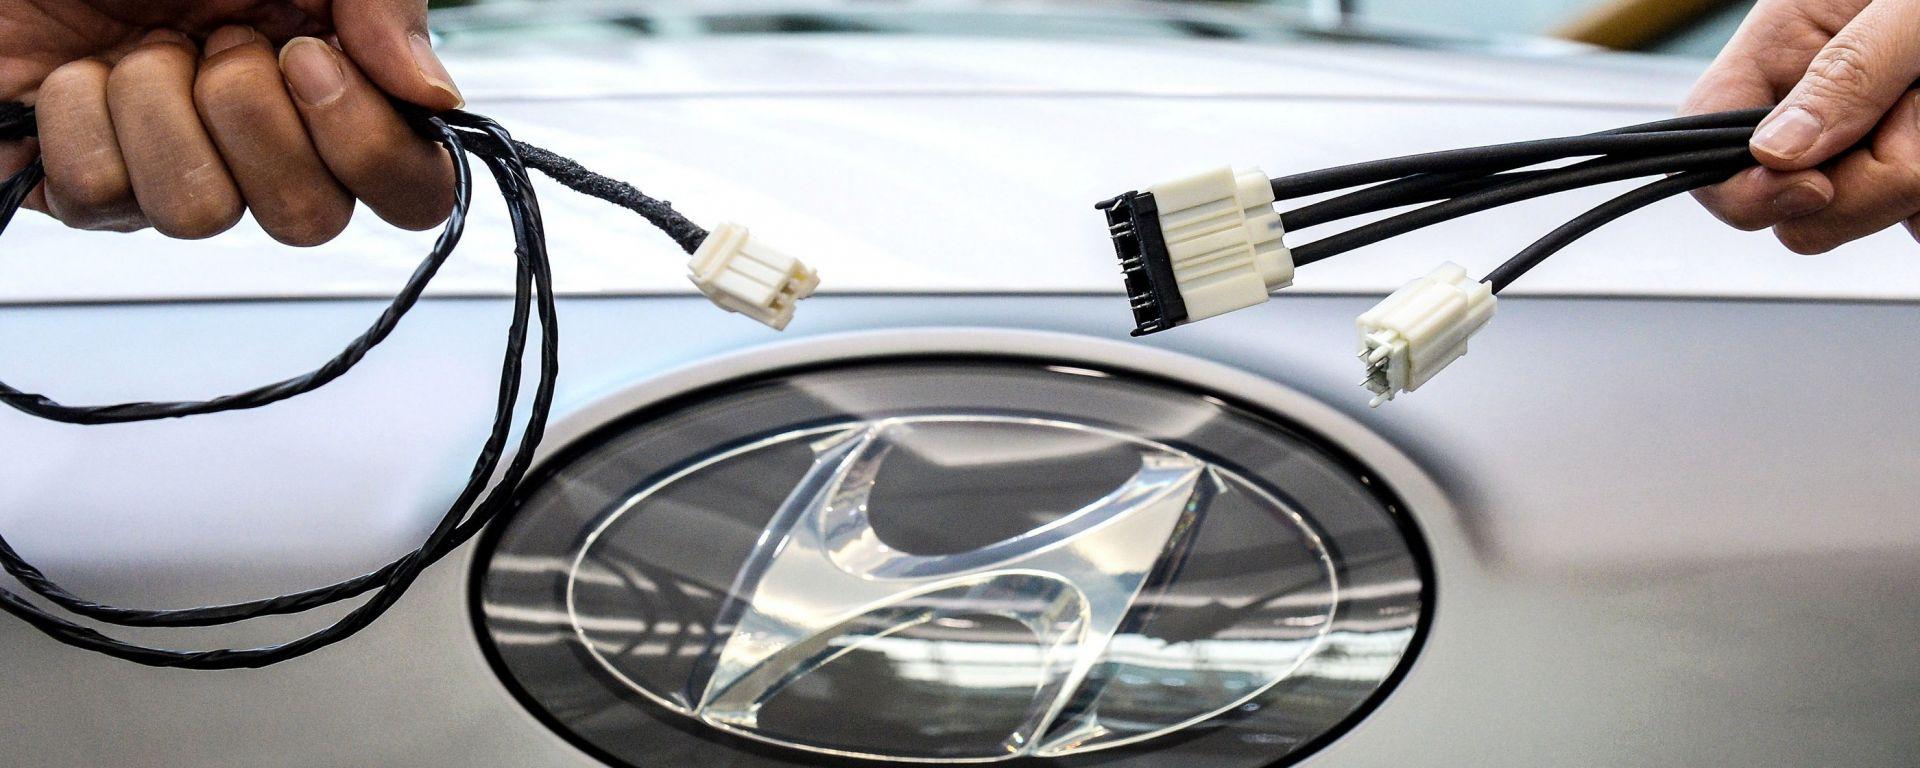 Hyundai: in arrivo la nuova generazione di auto iper connesse